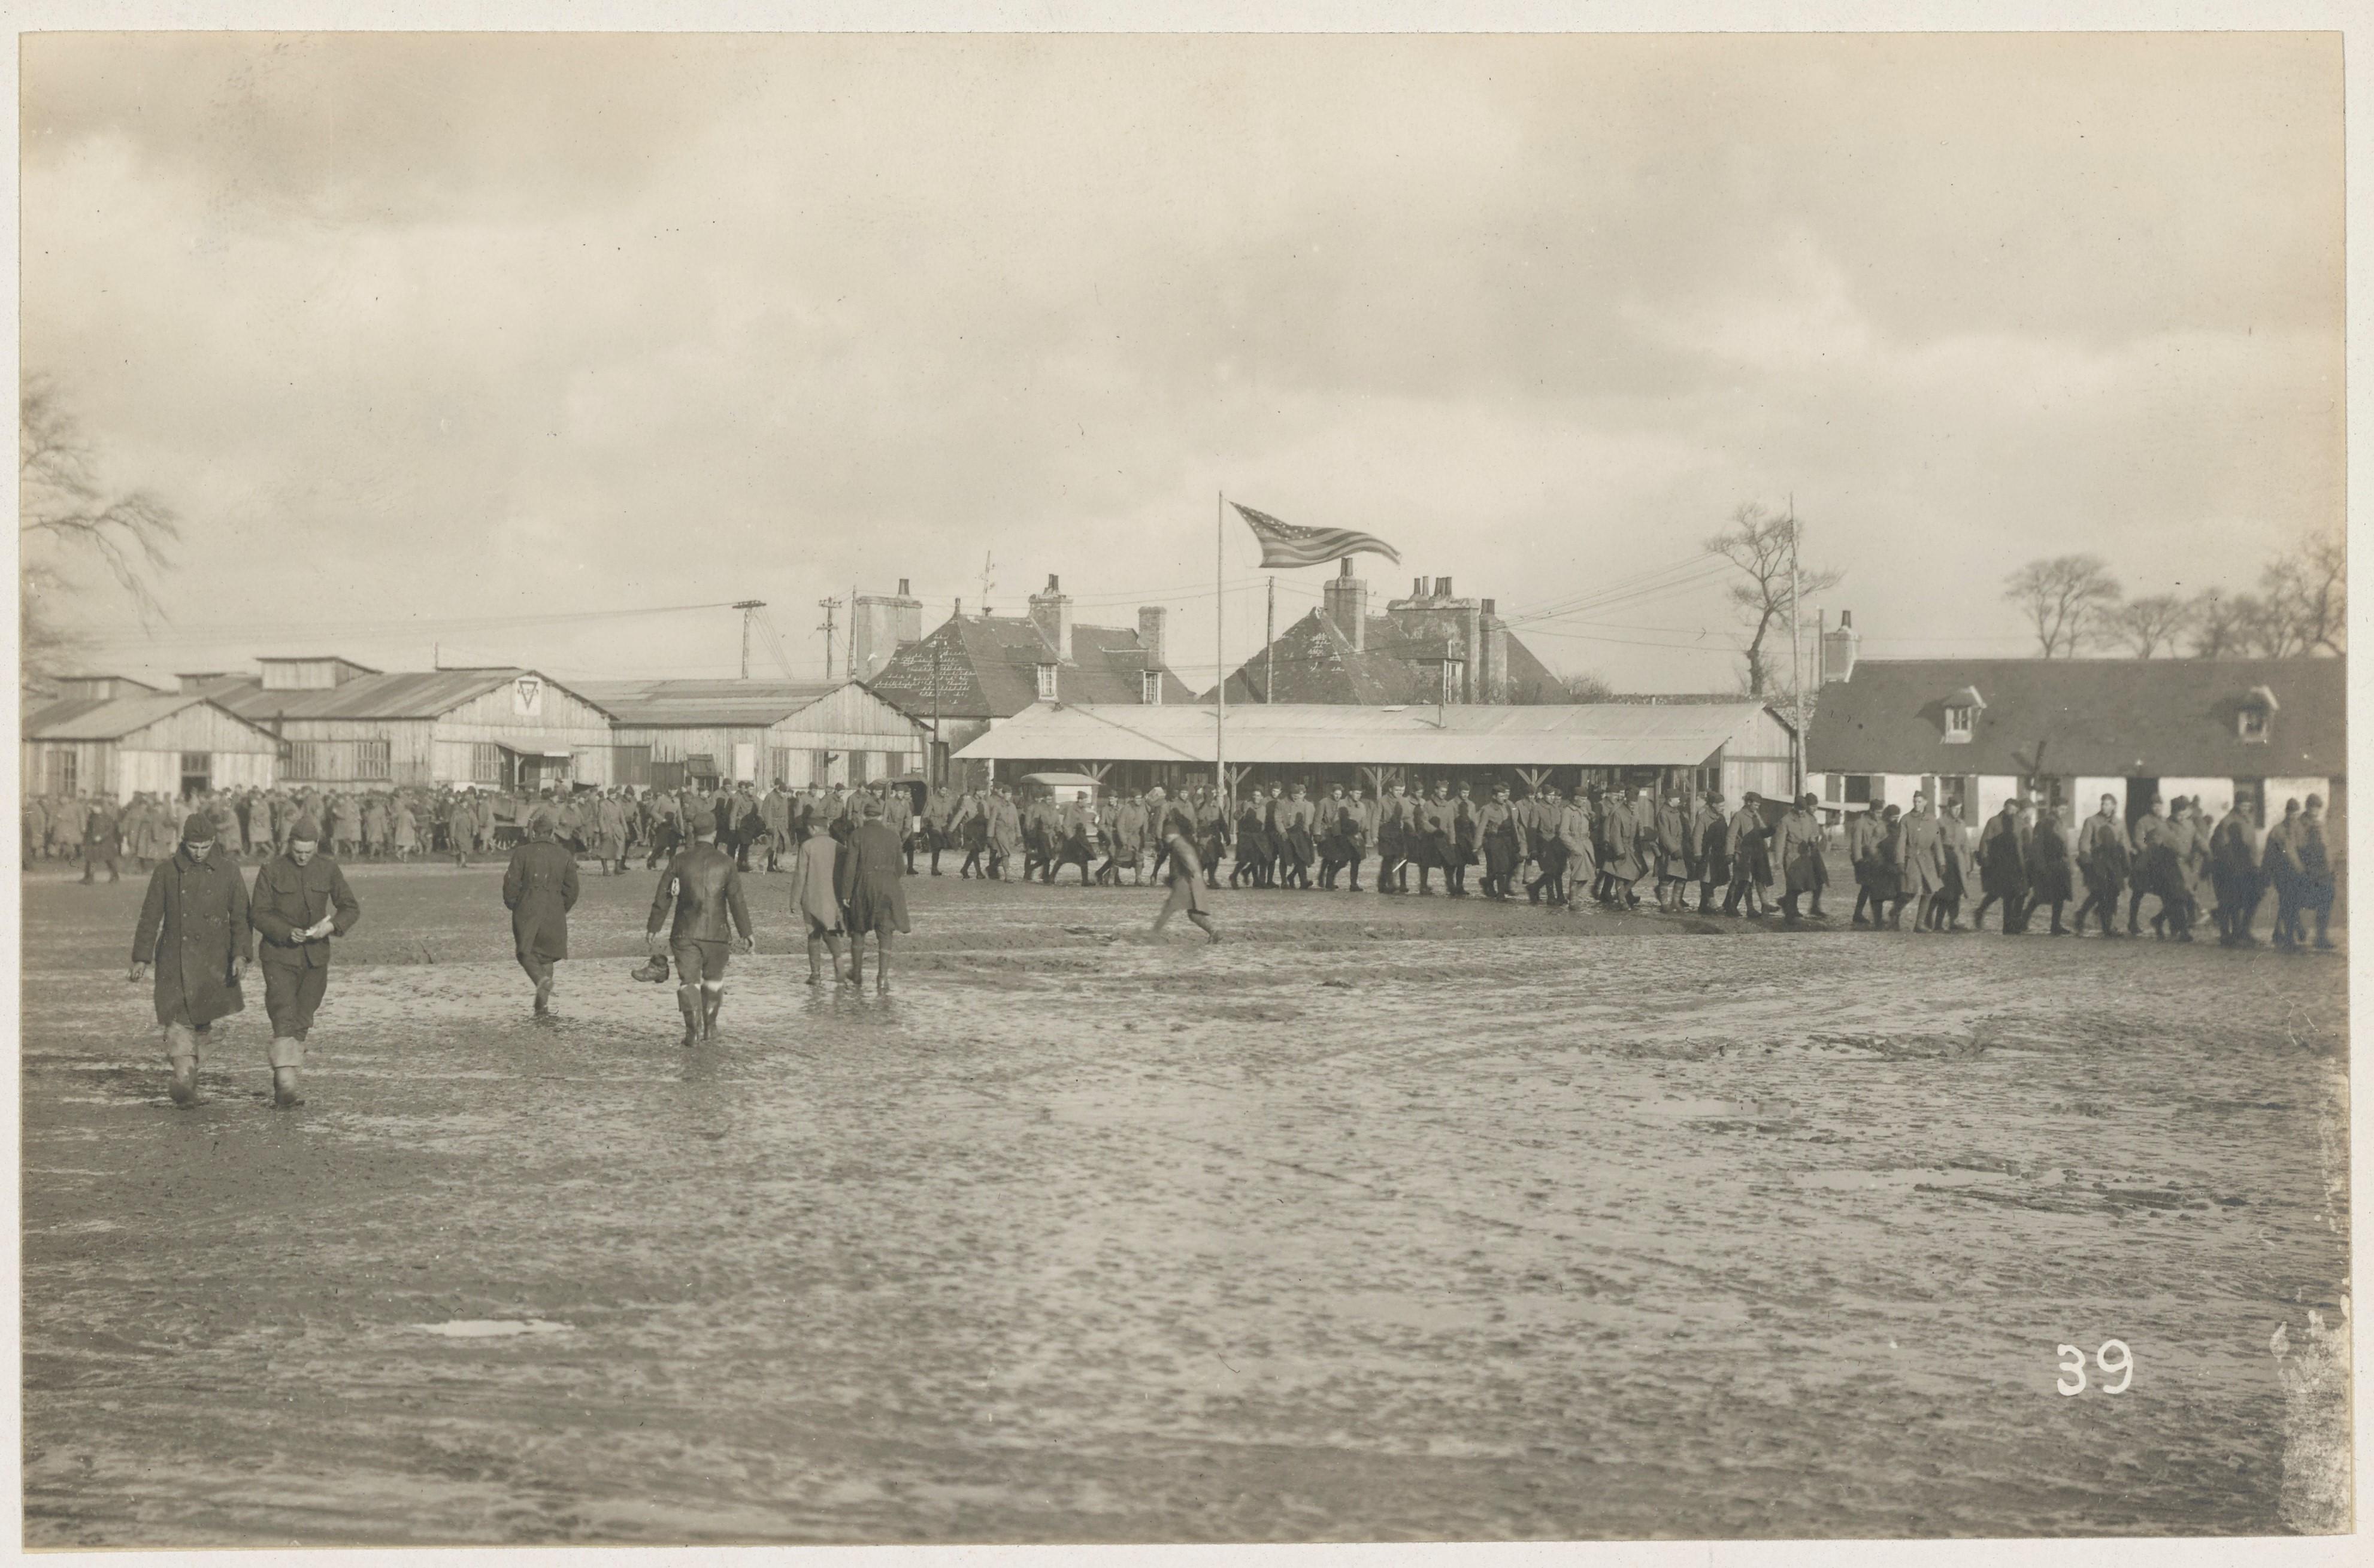 Le camp de Pontanezen en Bretagne, 1918, NARA, Pontanezen 165-WW-293B-033